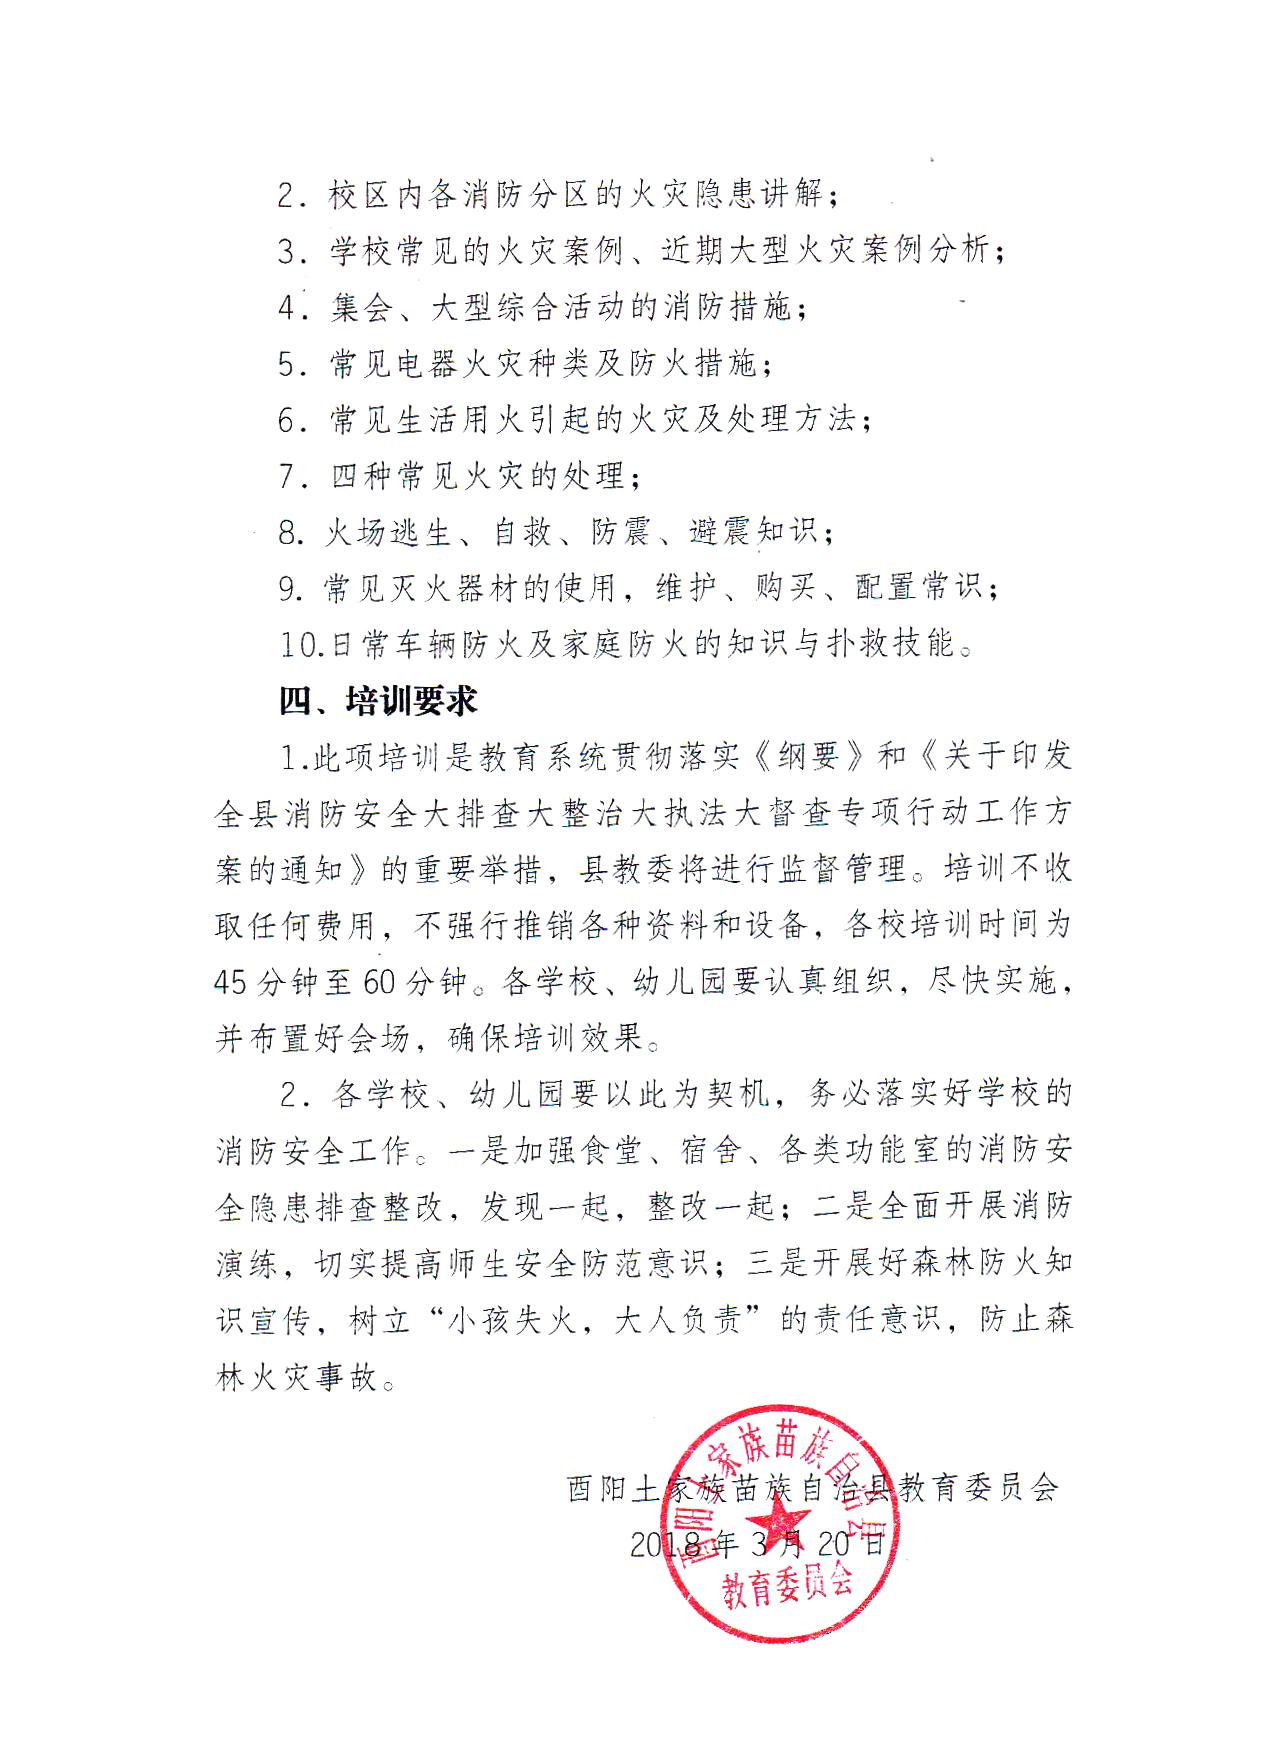 酉阳土家苗族自治县教育委员会